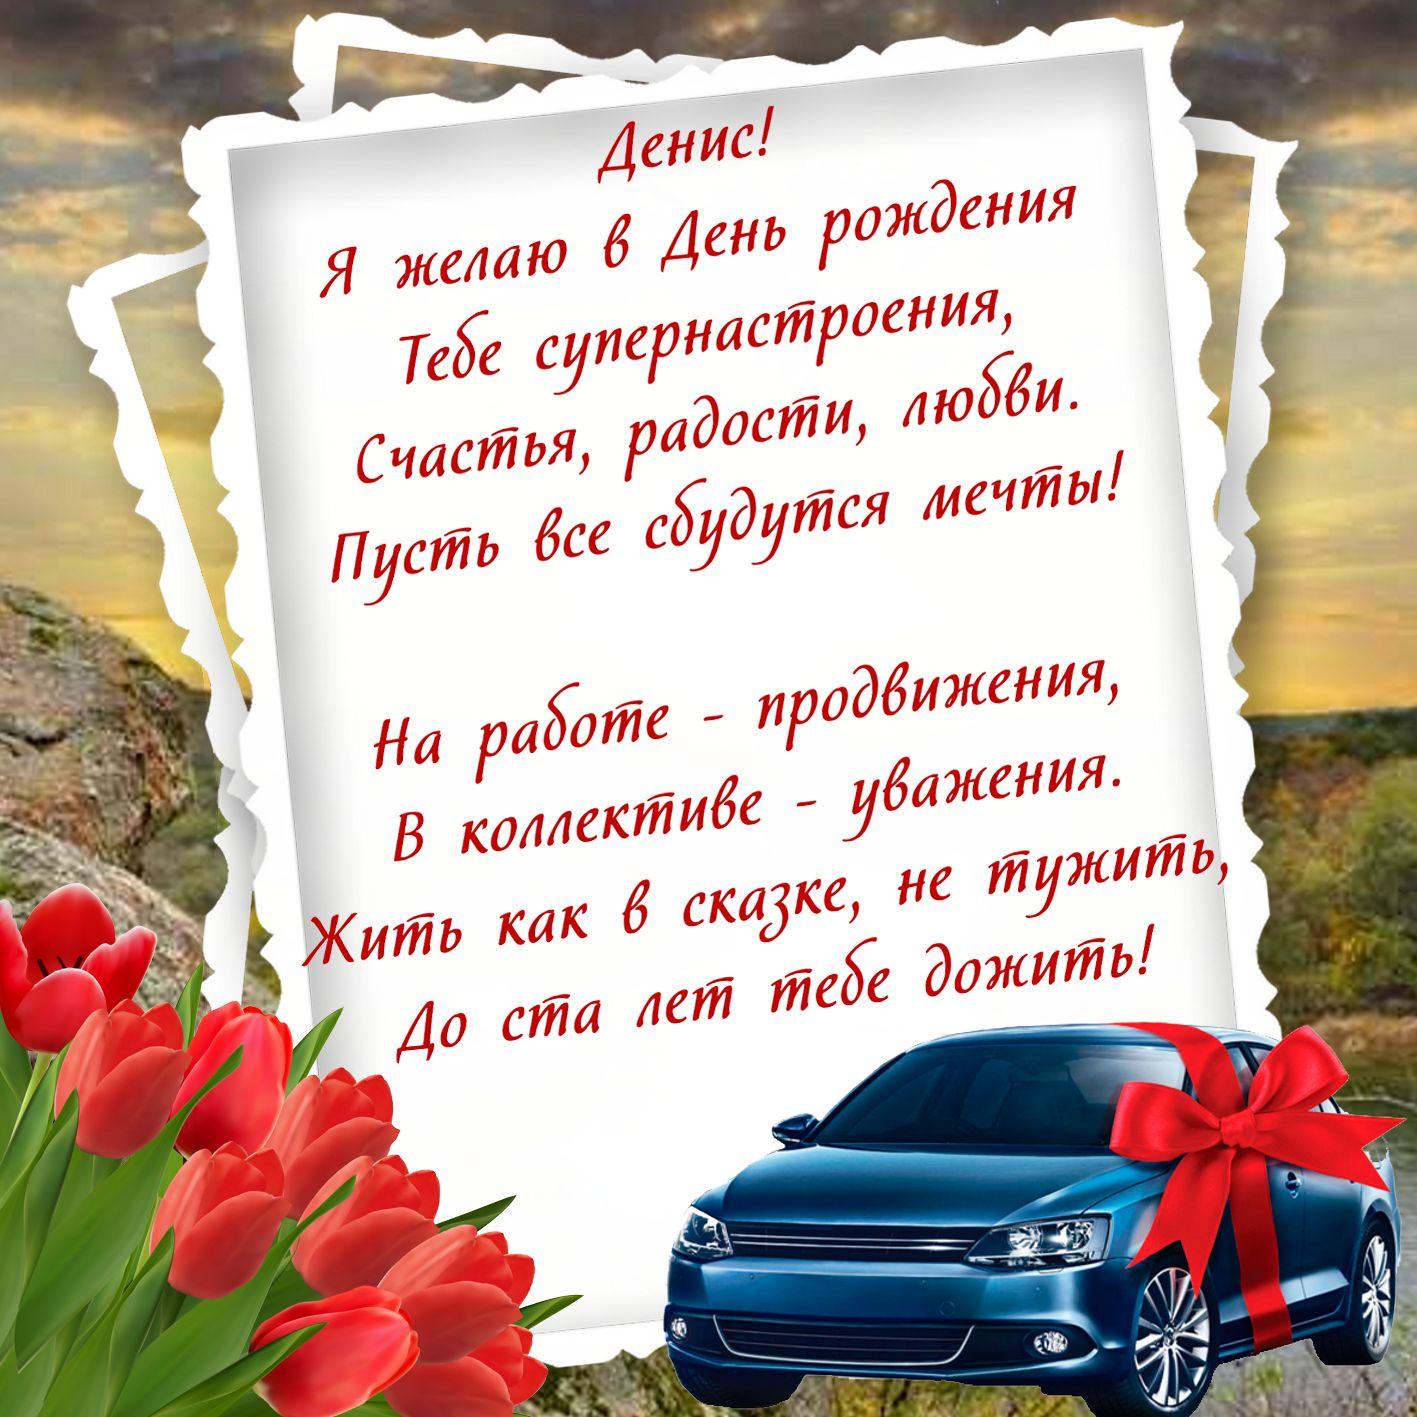 Поздравительная открытка для дениса с днем рождения, радиста креативные открытки